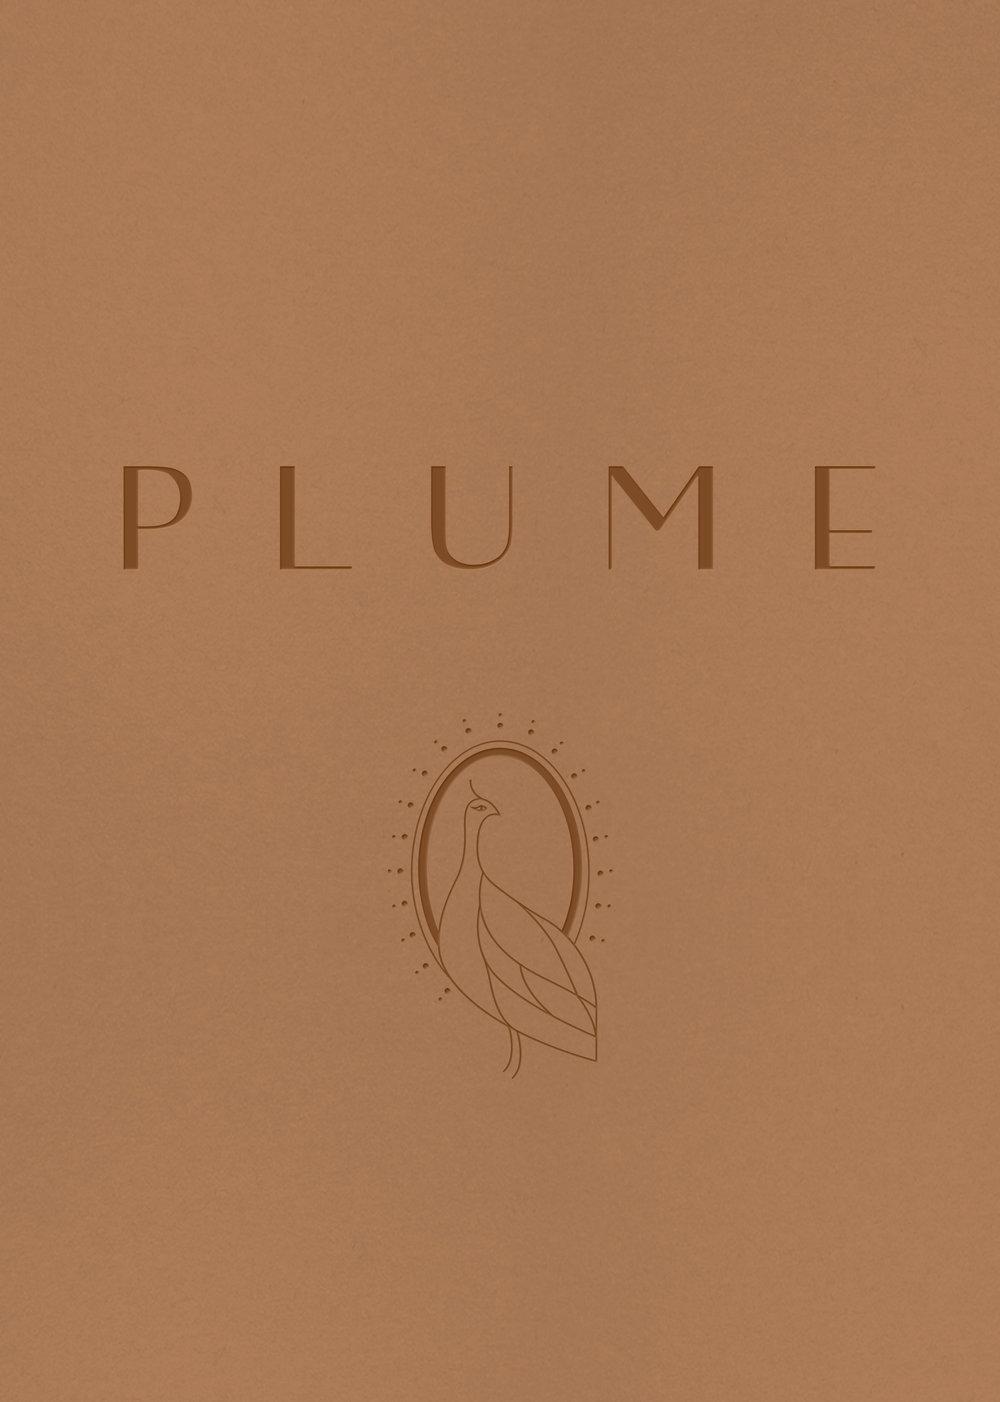 plume-logo-symbol-design-loolaadesigns.jpg